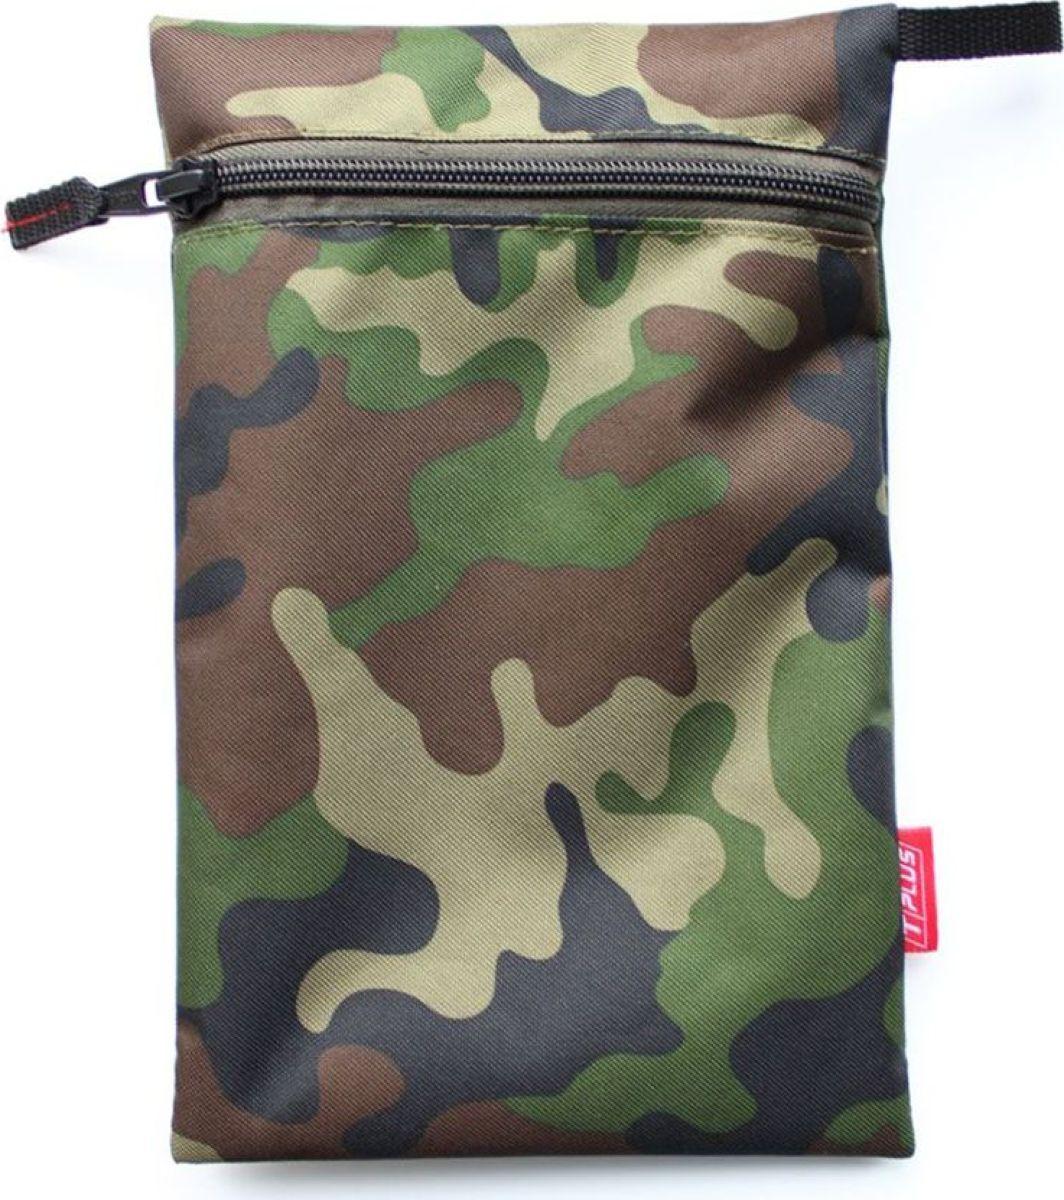 Мешок вещевой Tplus 600, цвет: нато, 15 x 23 см сумка для такелажной оснастки tplus сompact t009399